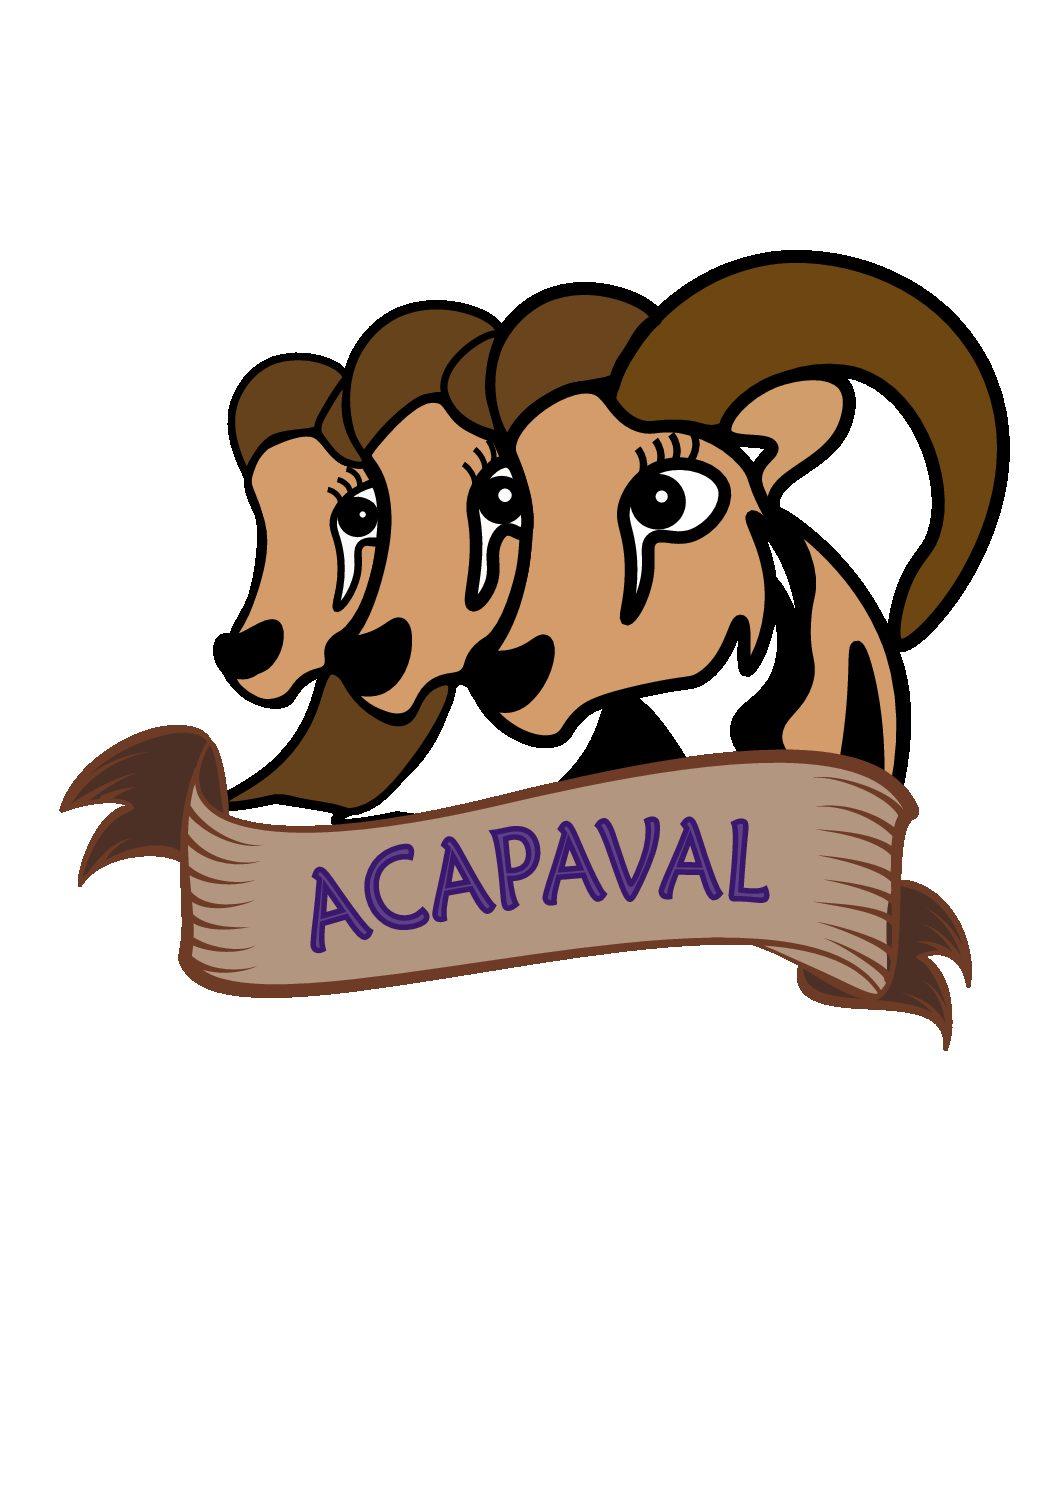 ACAPAVAL